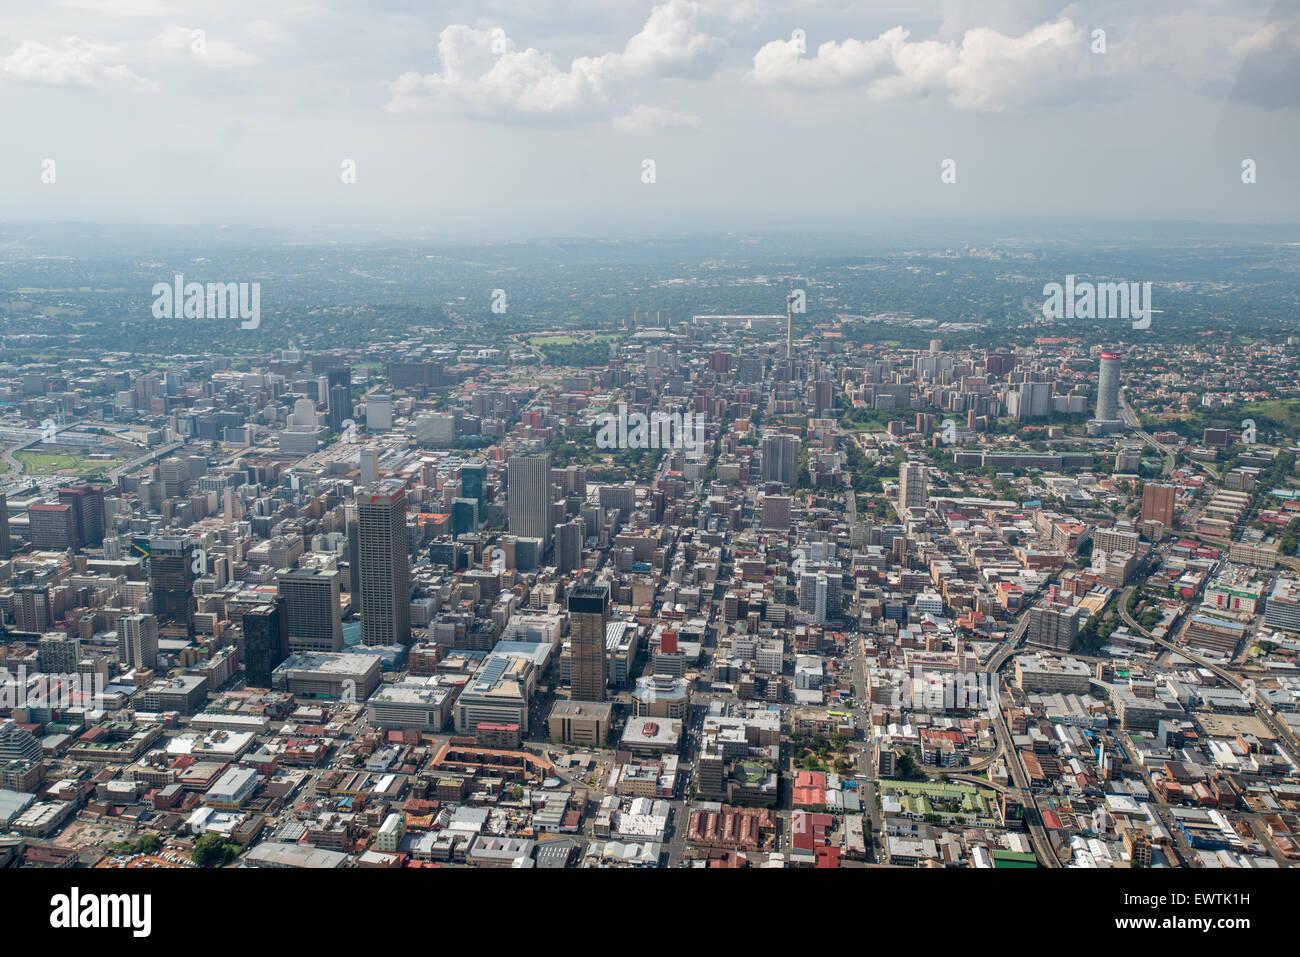 L'AFRIQUE DU SUD- vue aérienne de Johannesburg Photo Stock